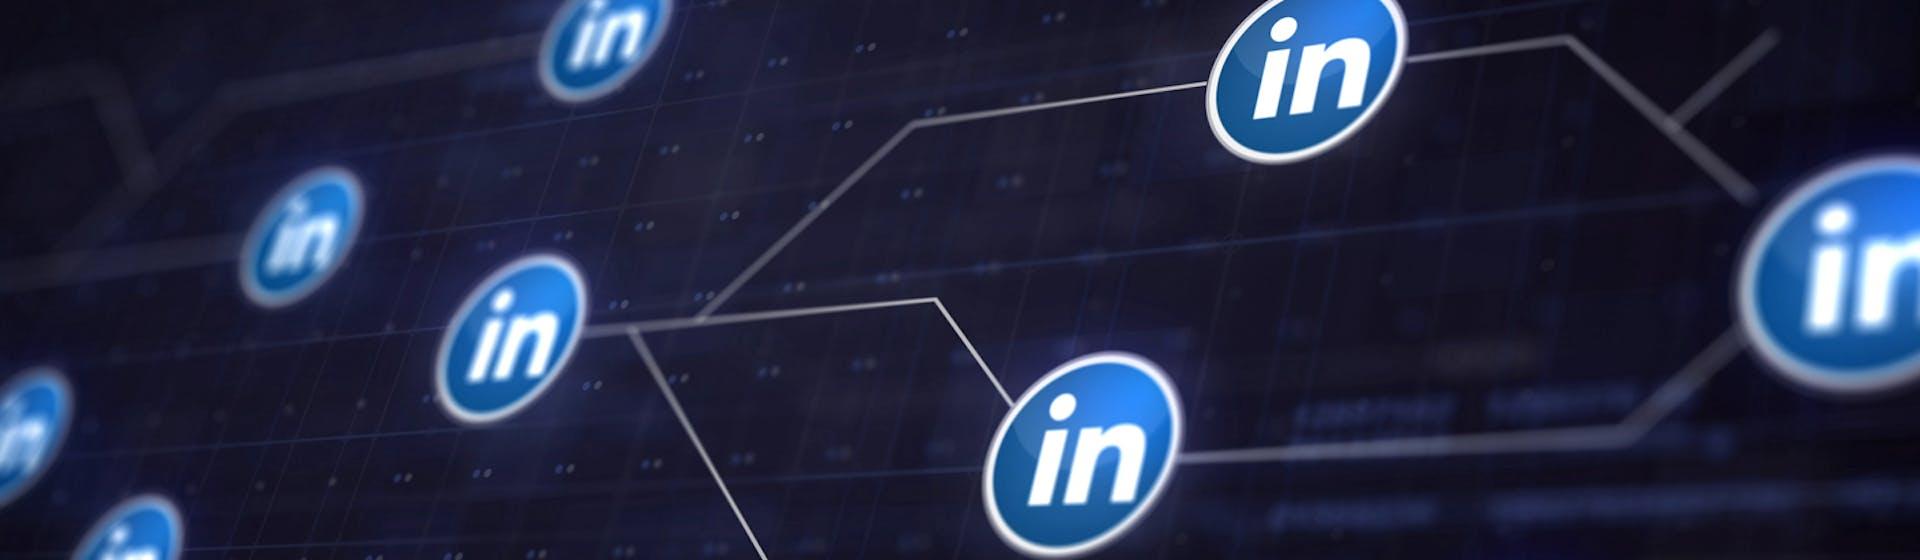 Las ventajas y desventajas de LinkedIn para este 2021